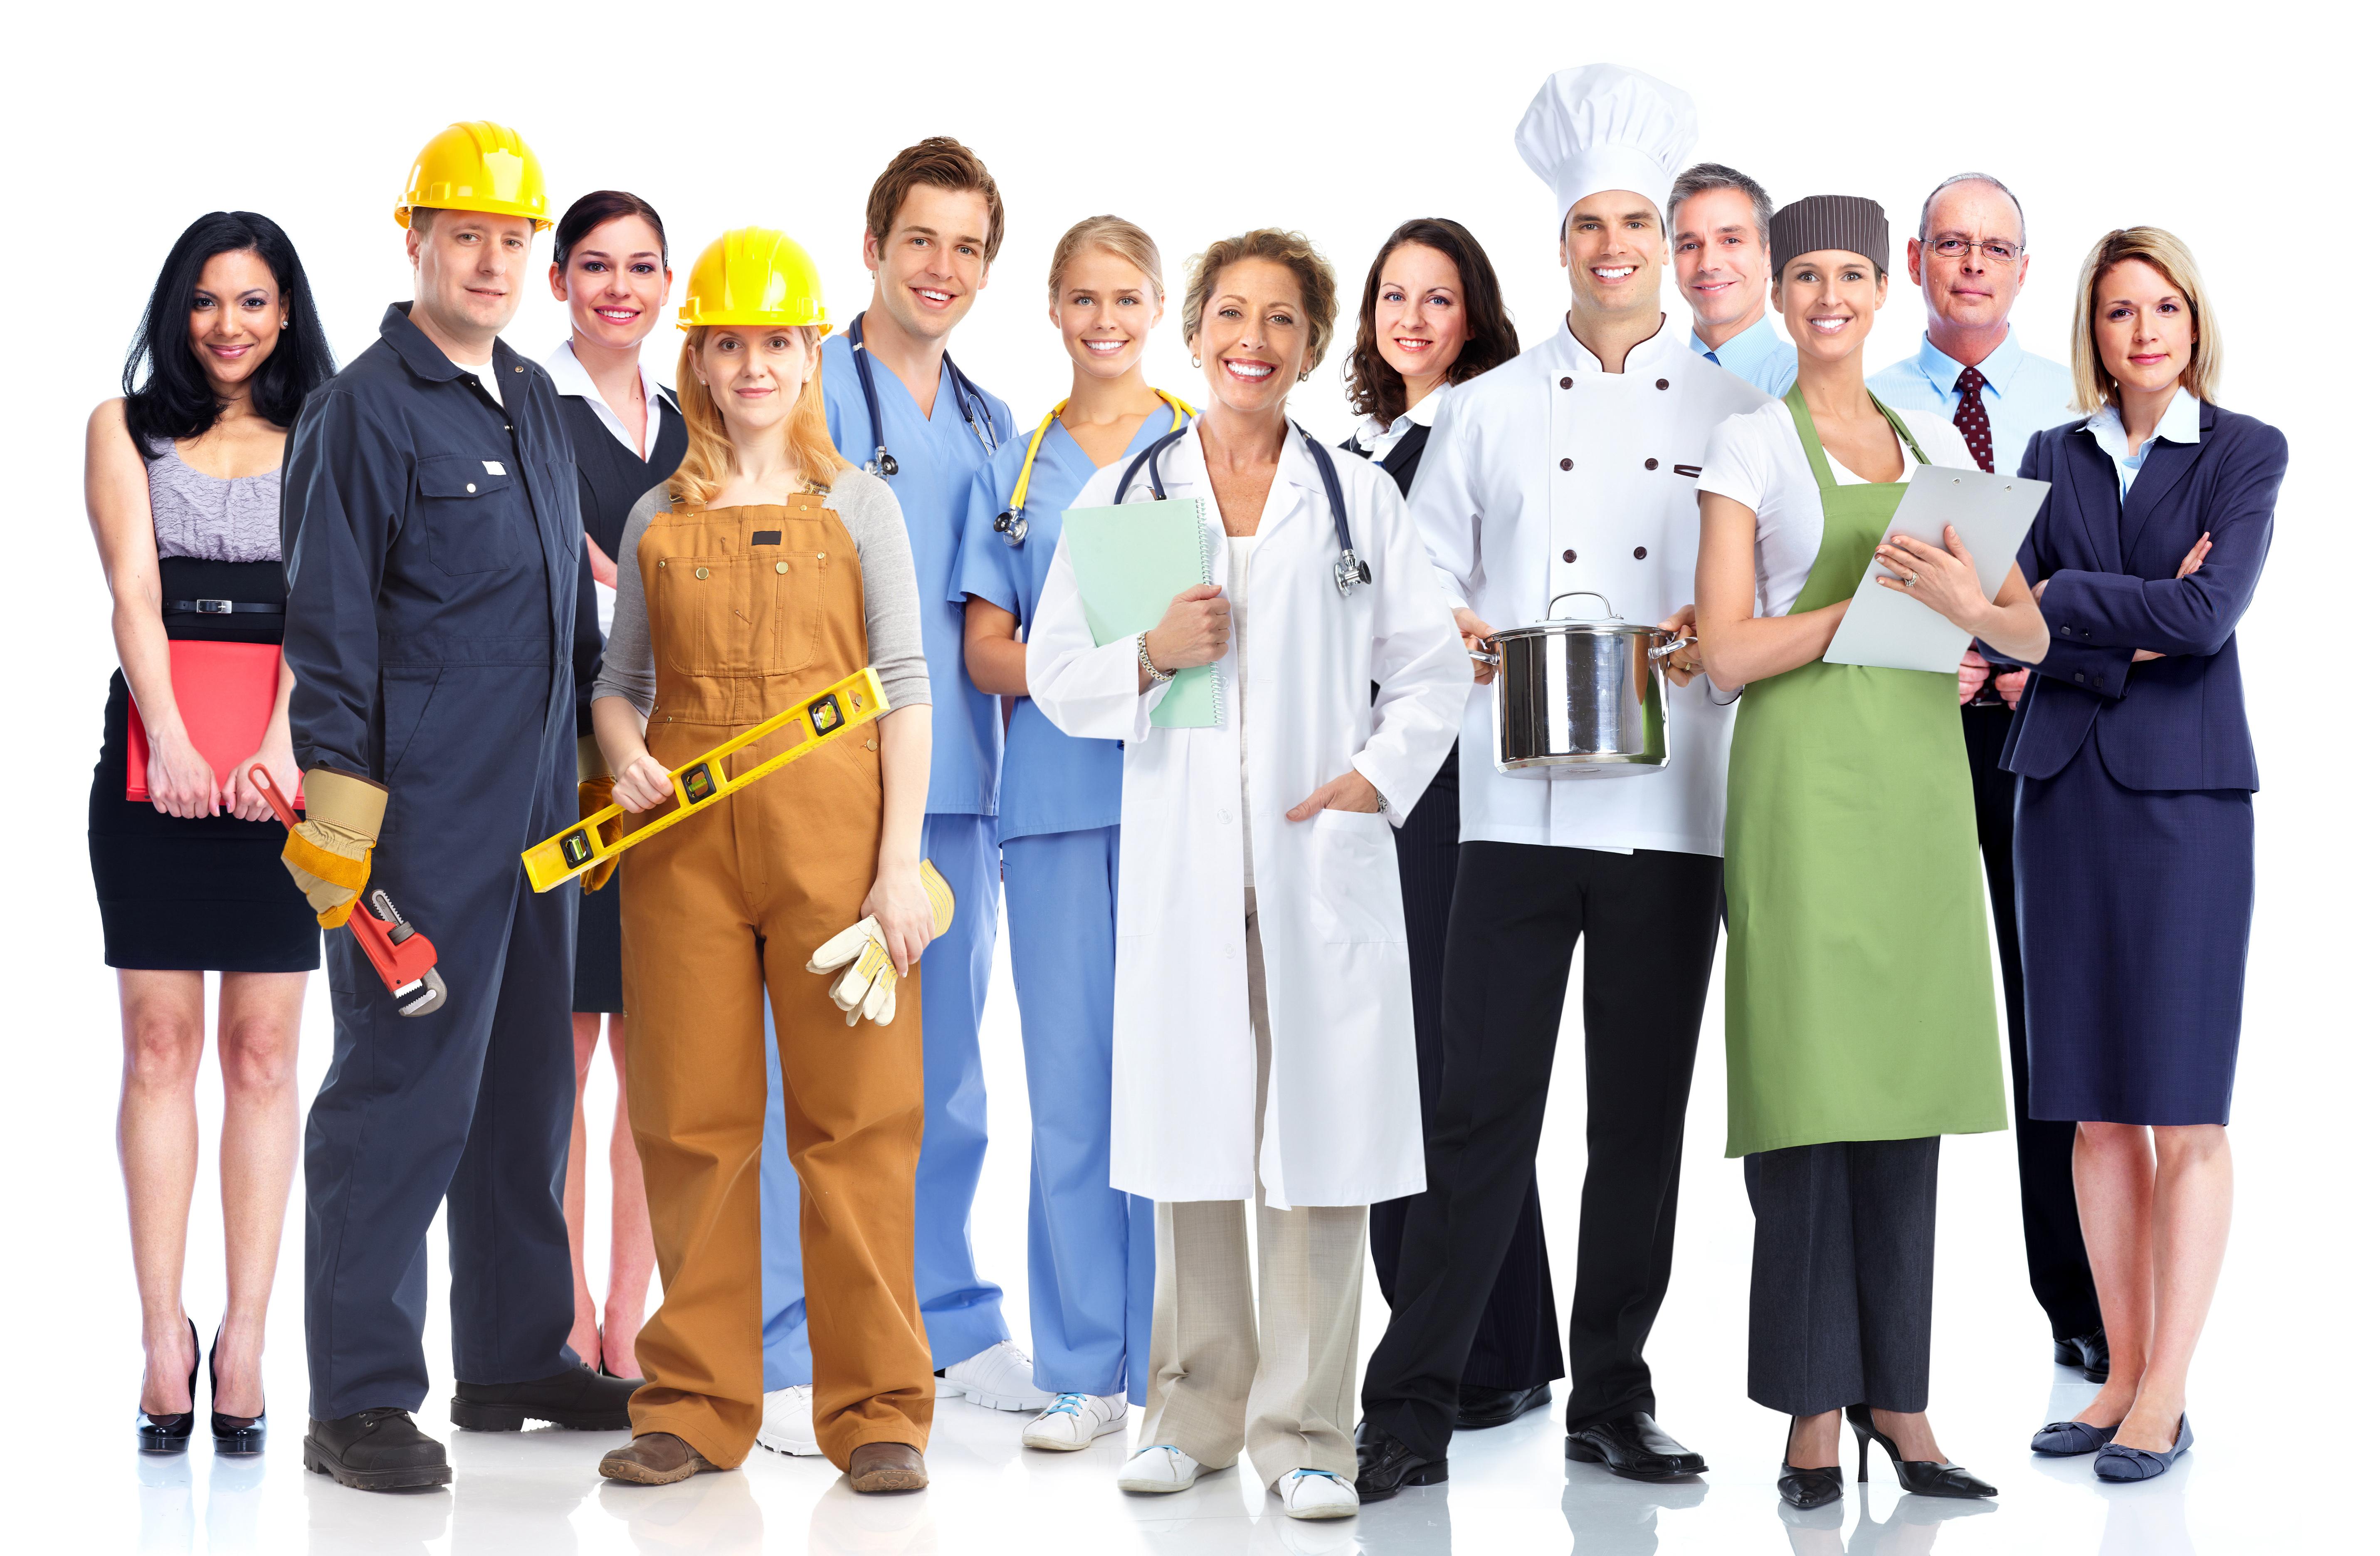 Gruppe von Dienstleistern Bild: Adobe Stock